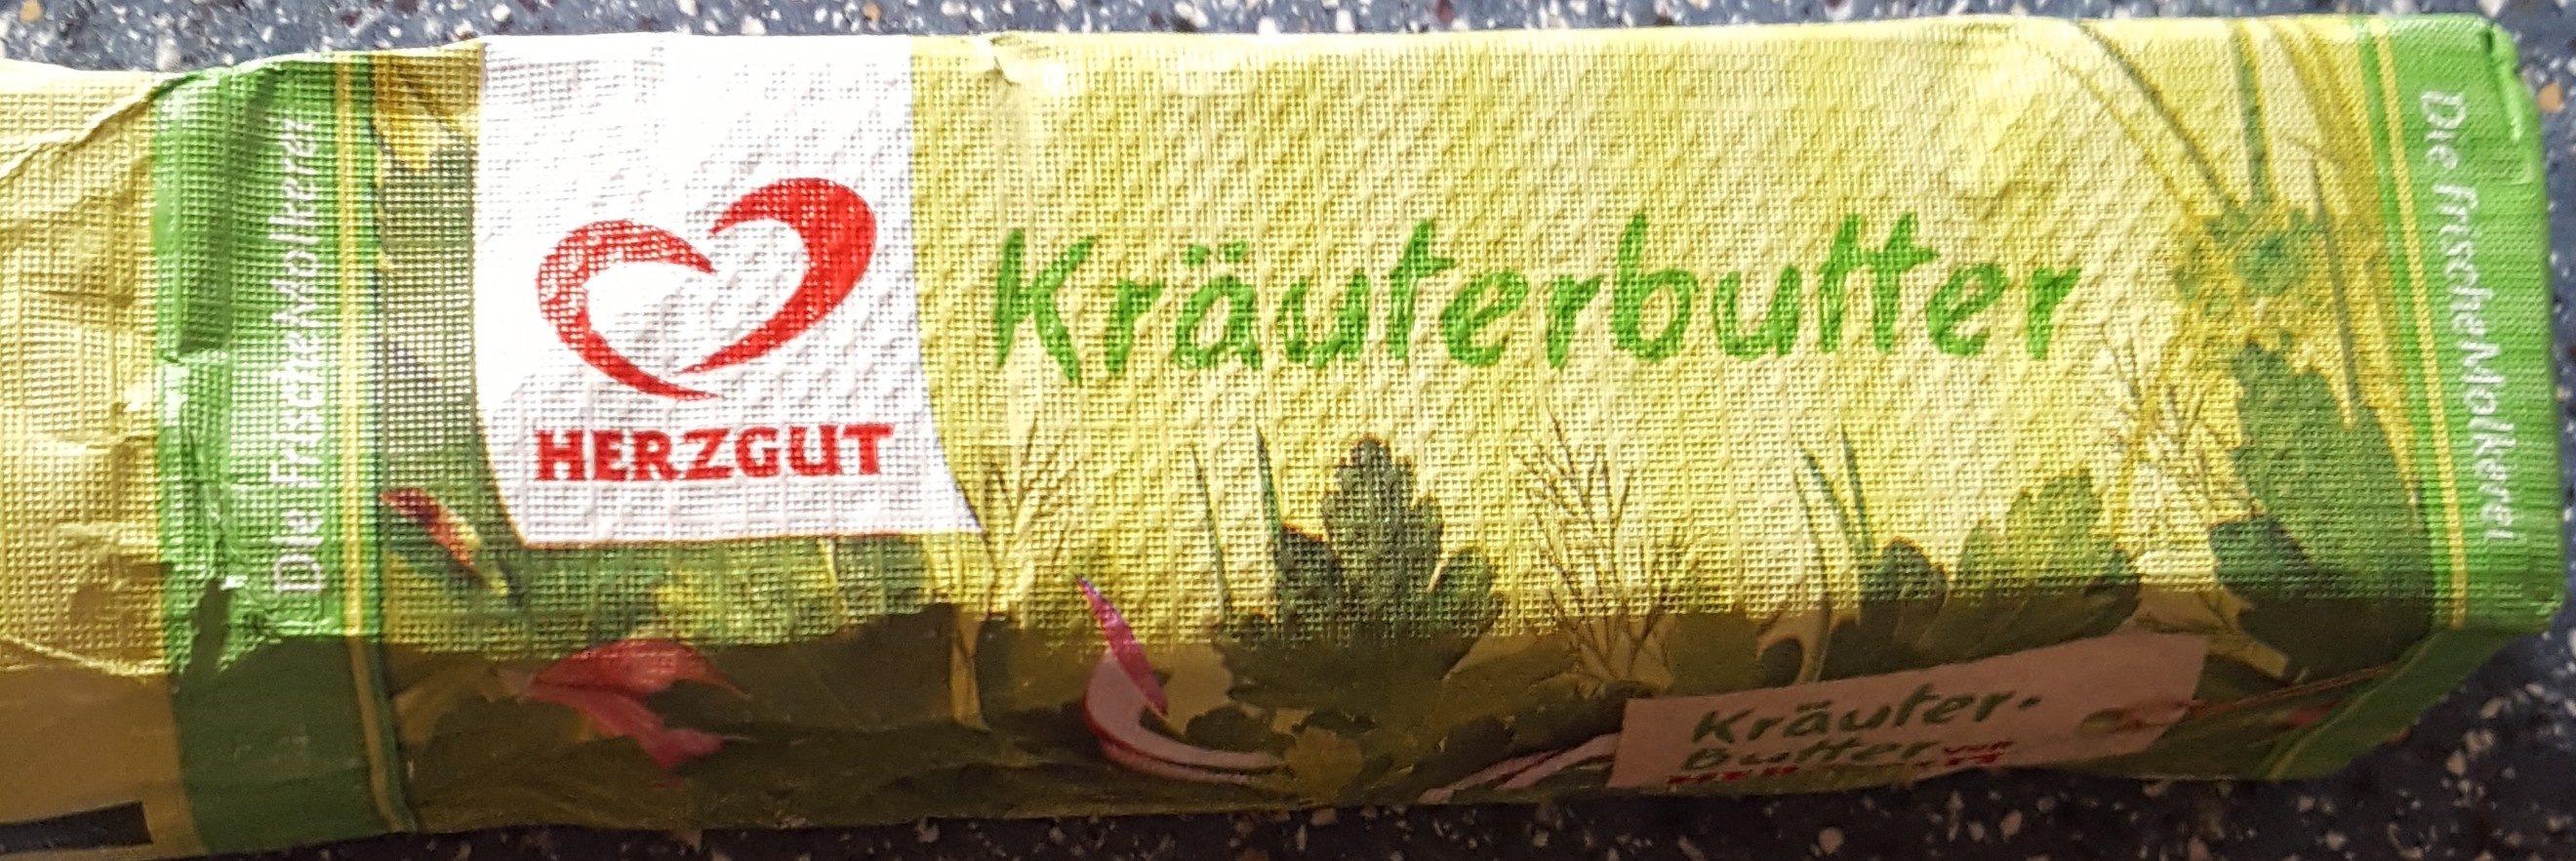 Kräuterbutter - Produkt - de